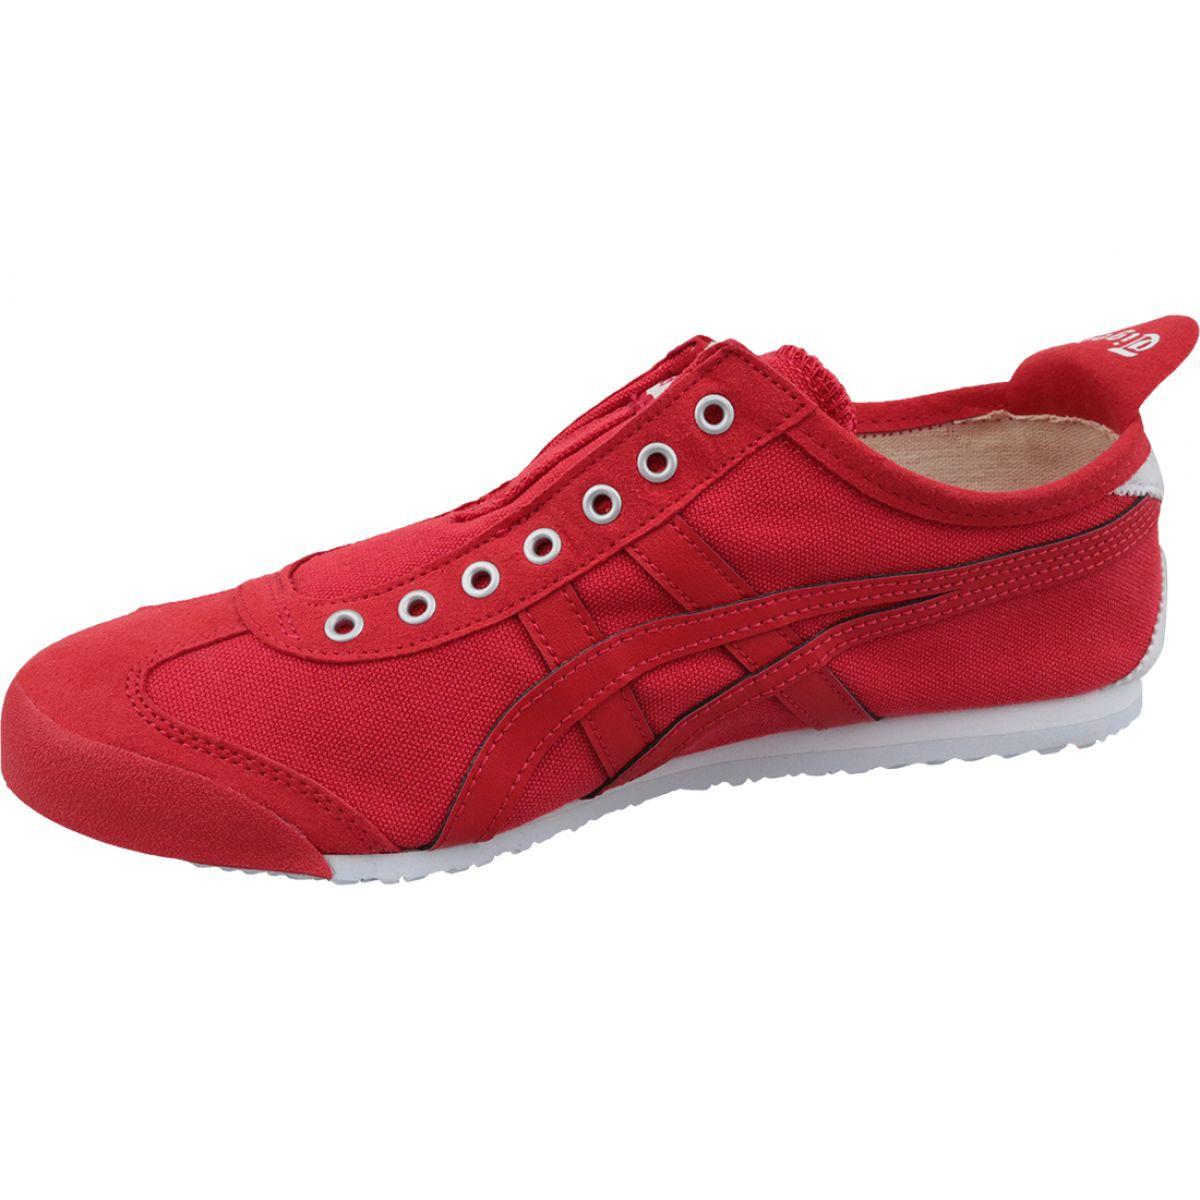 onitsuka tiger mexico 66 mens shoes 600